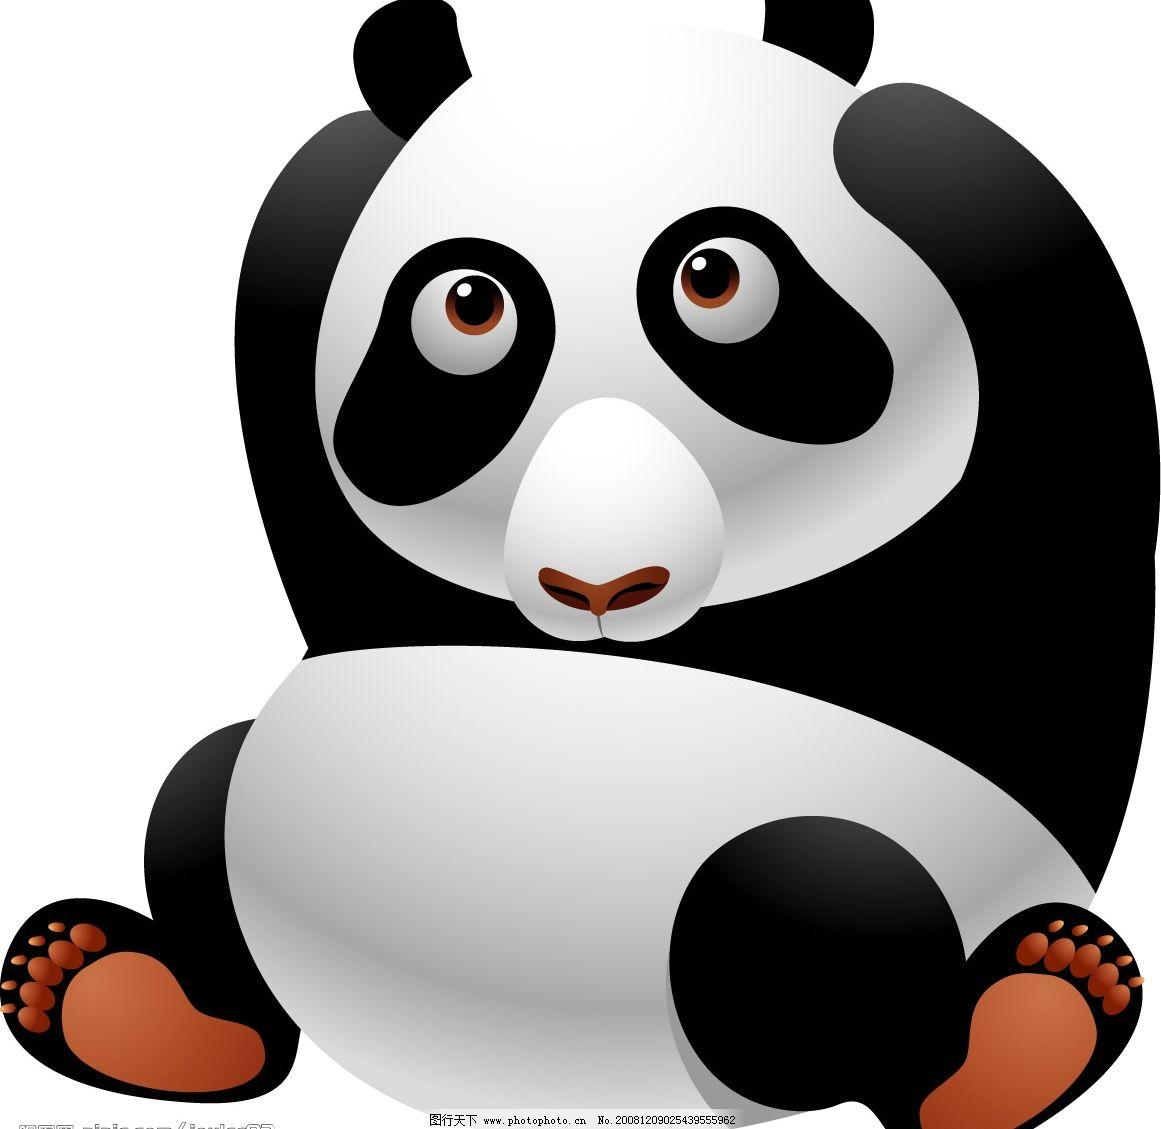 熊猫 抱头的熊猫 可爱小熊猫 矢量图库 可爱动物